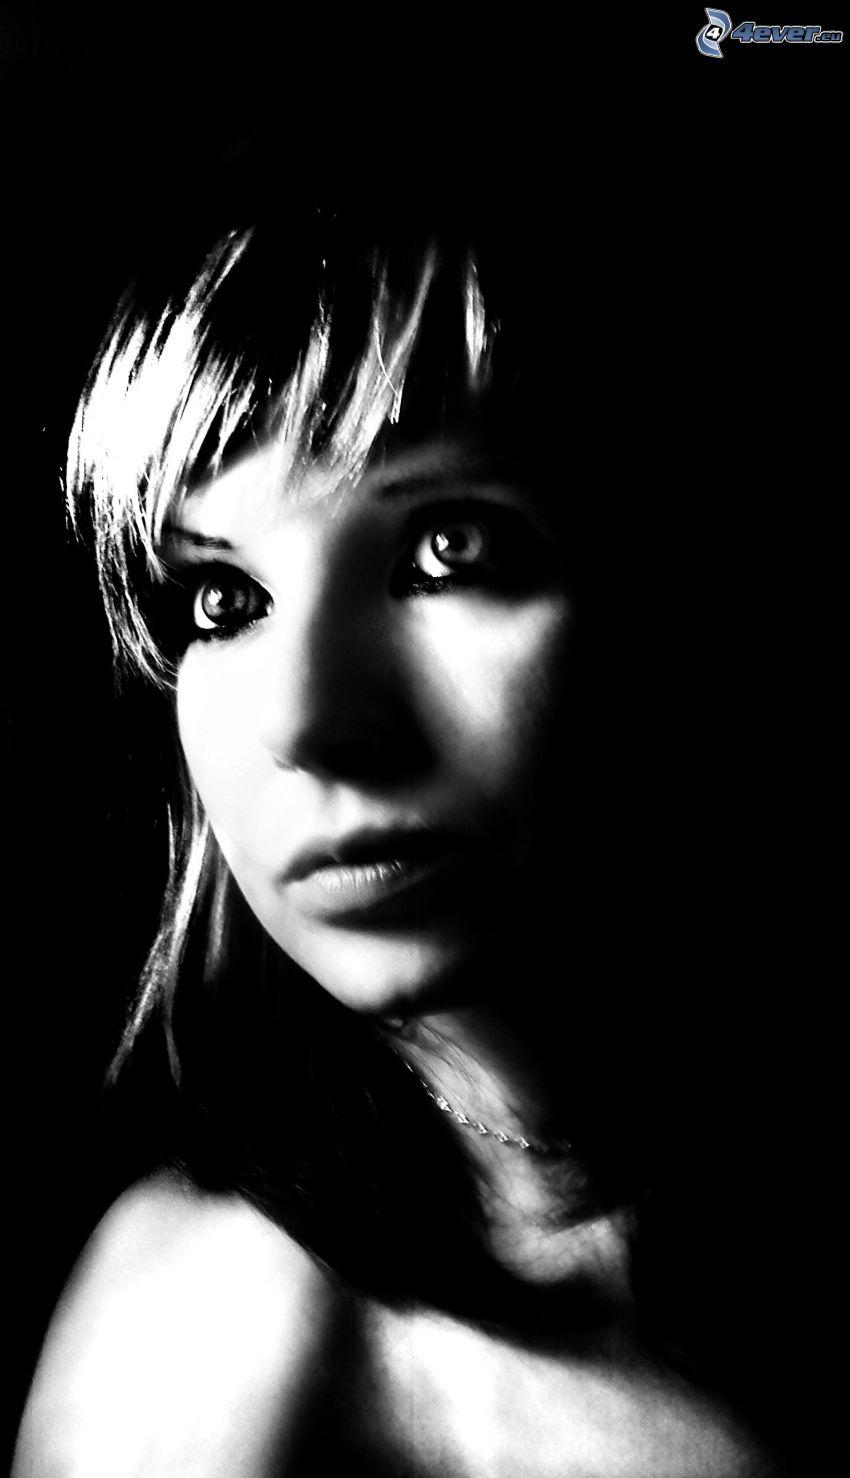 Mädchen im Dunkel, Gesicht, Dunkelheit, Halskette